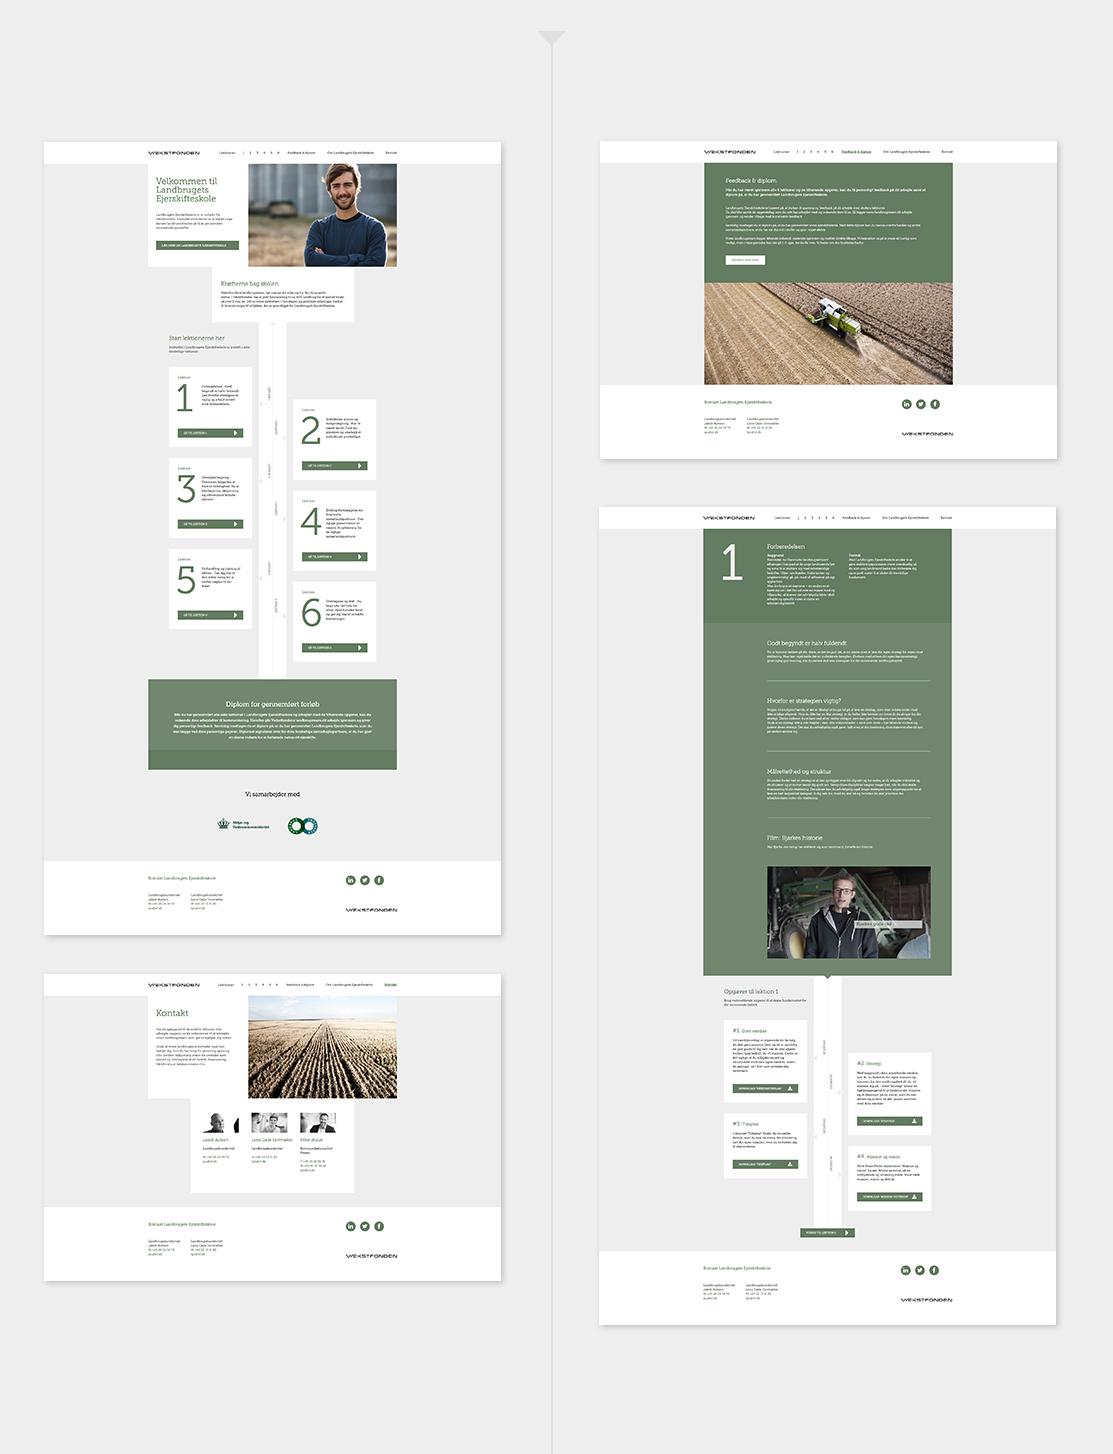 Ejerskifteskolen_udvikling_design_03